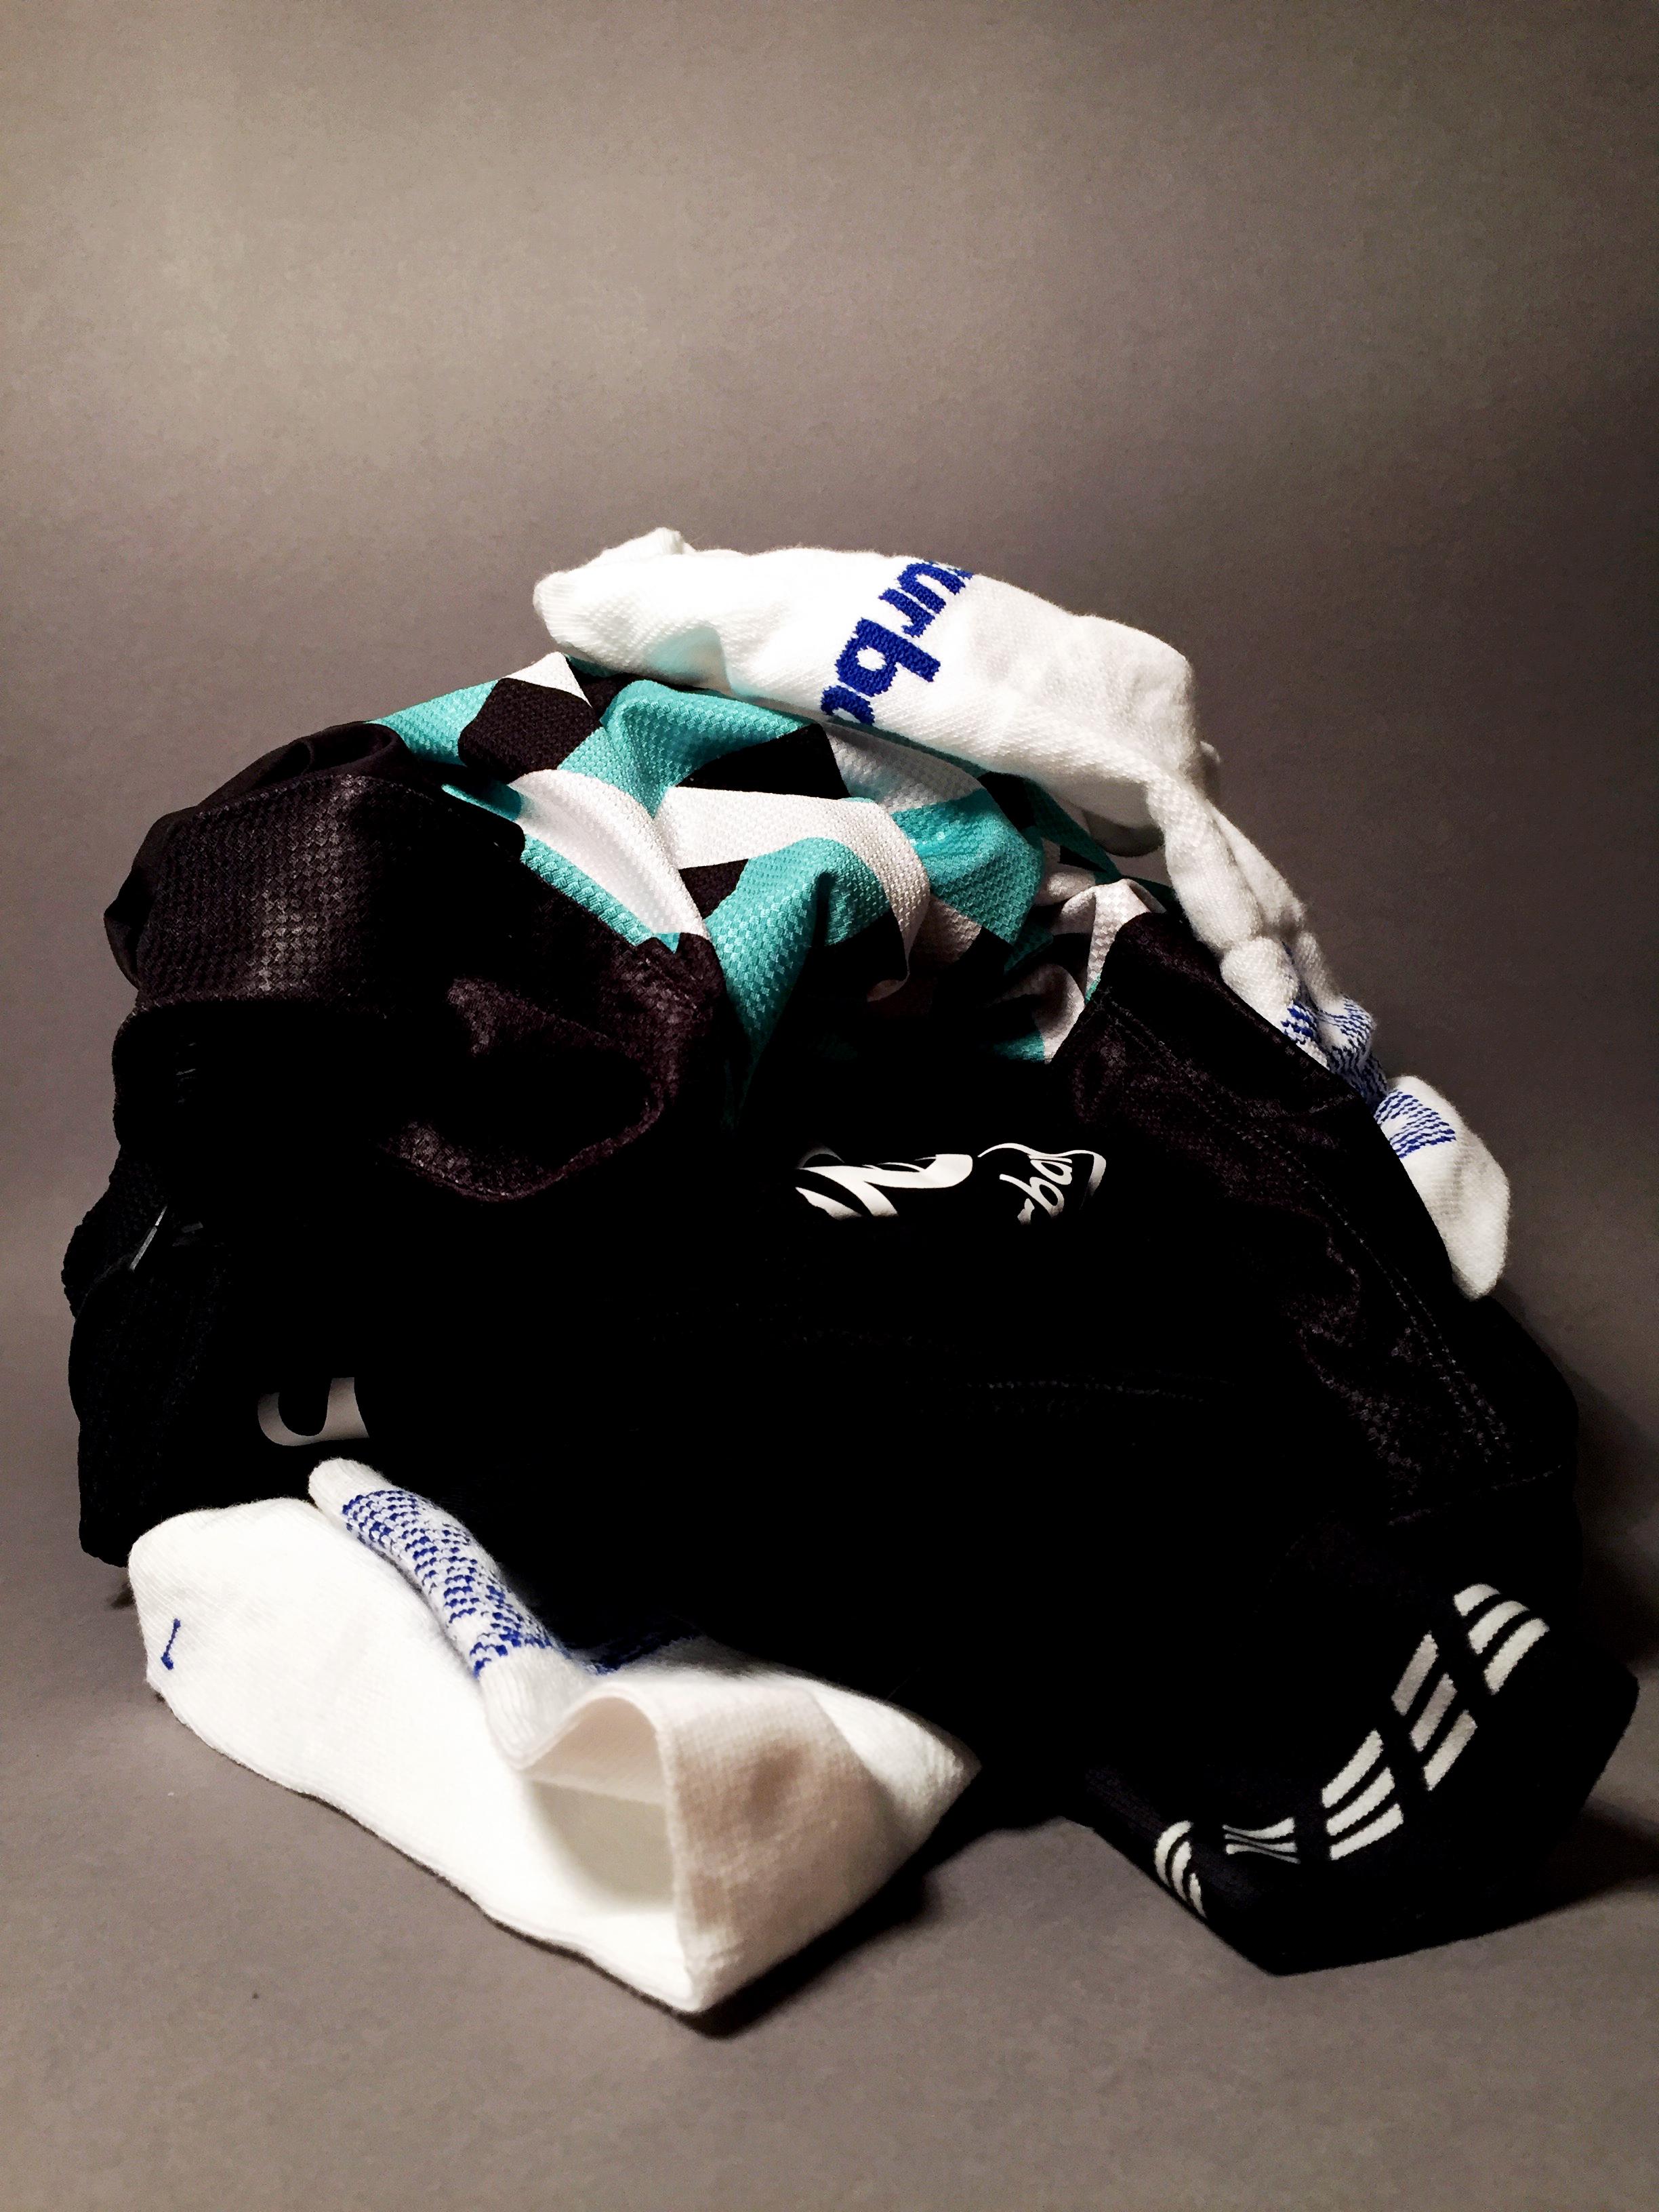 ls endurance jersey,   ss grid jersey ,  classic bib tights,   puncheur socks